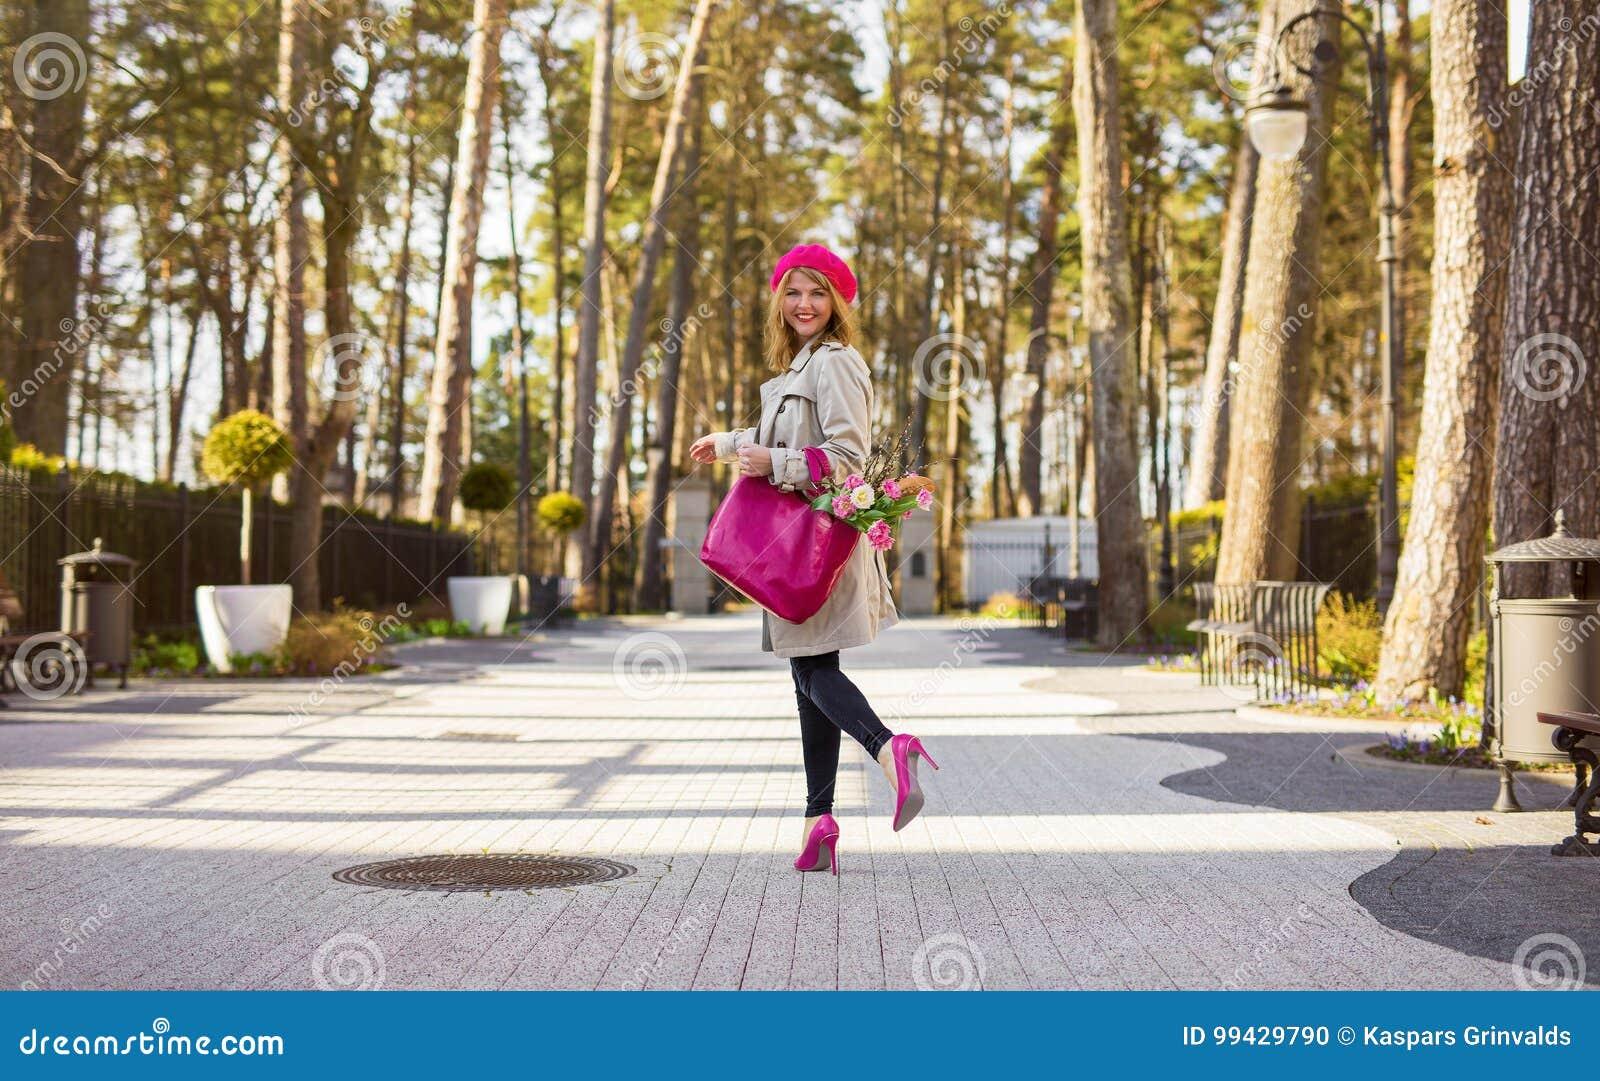 Парижская женщина идя в парк